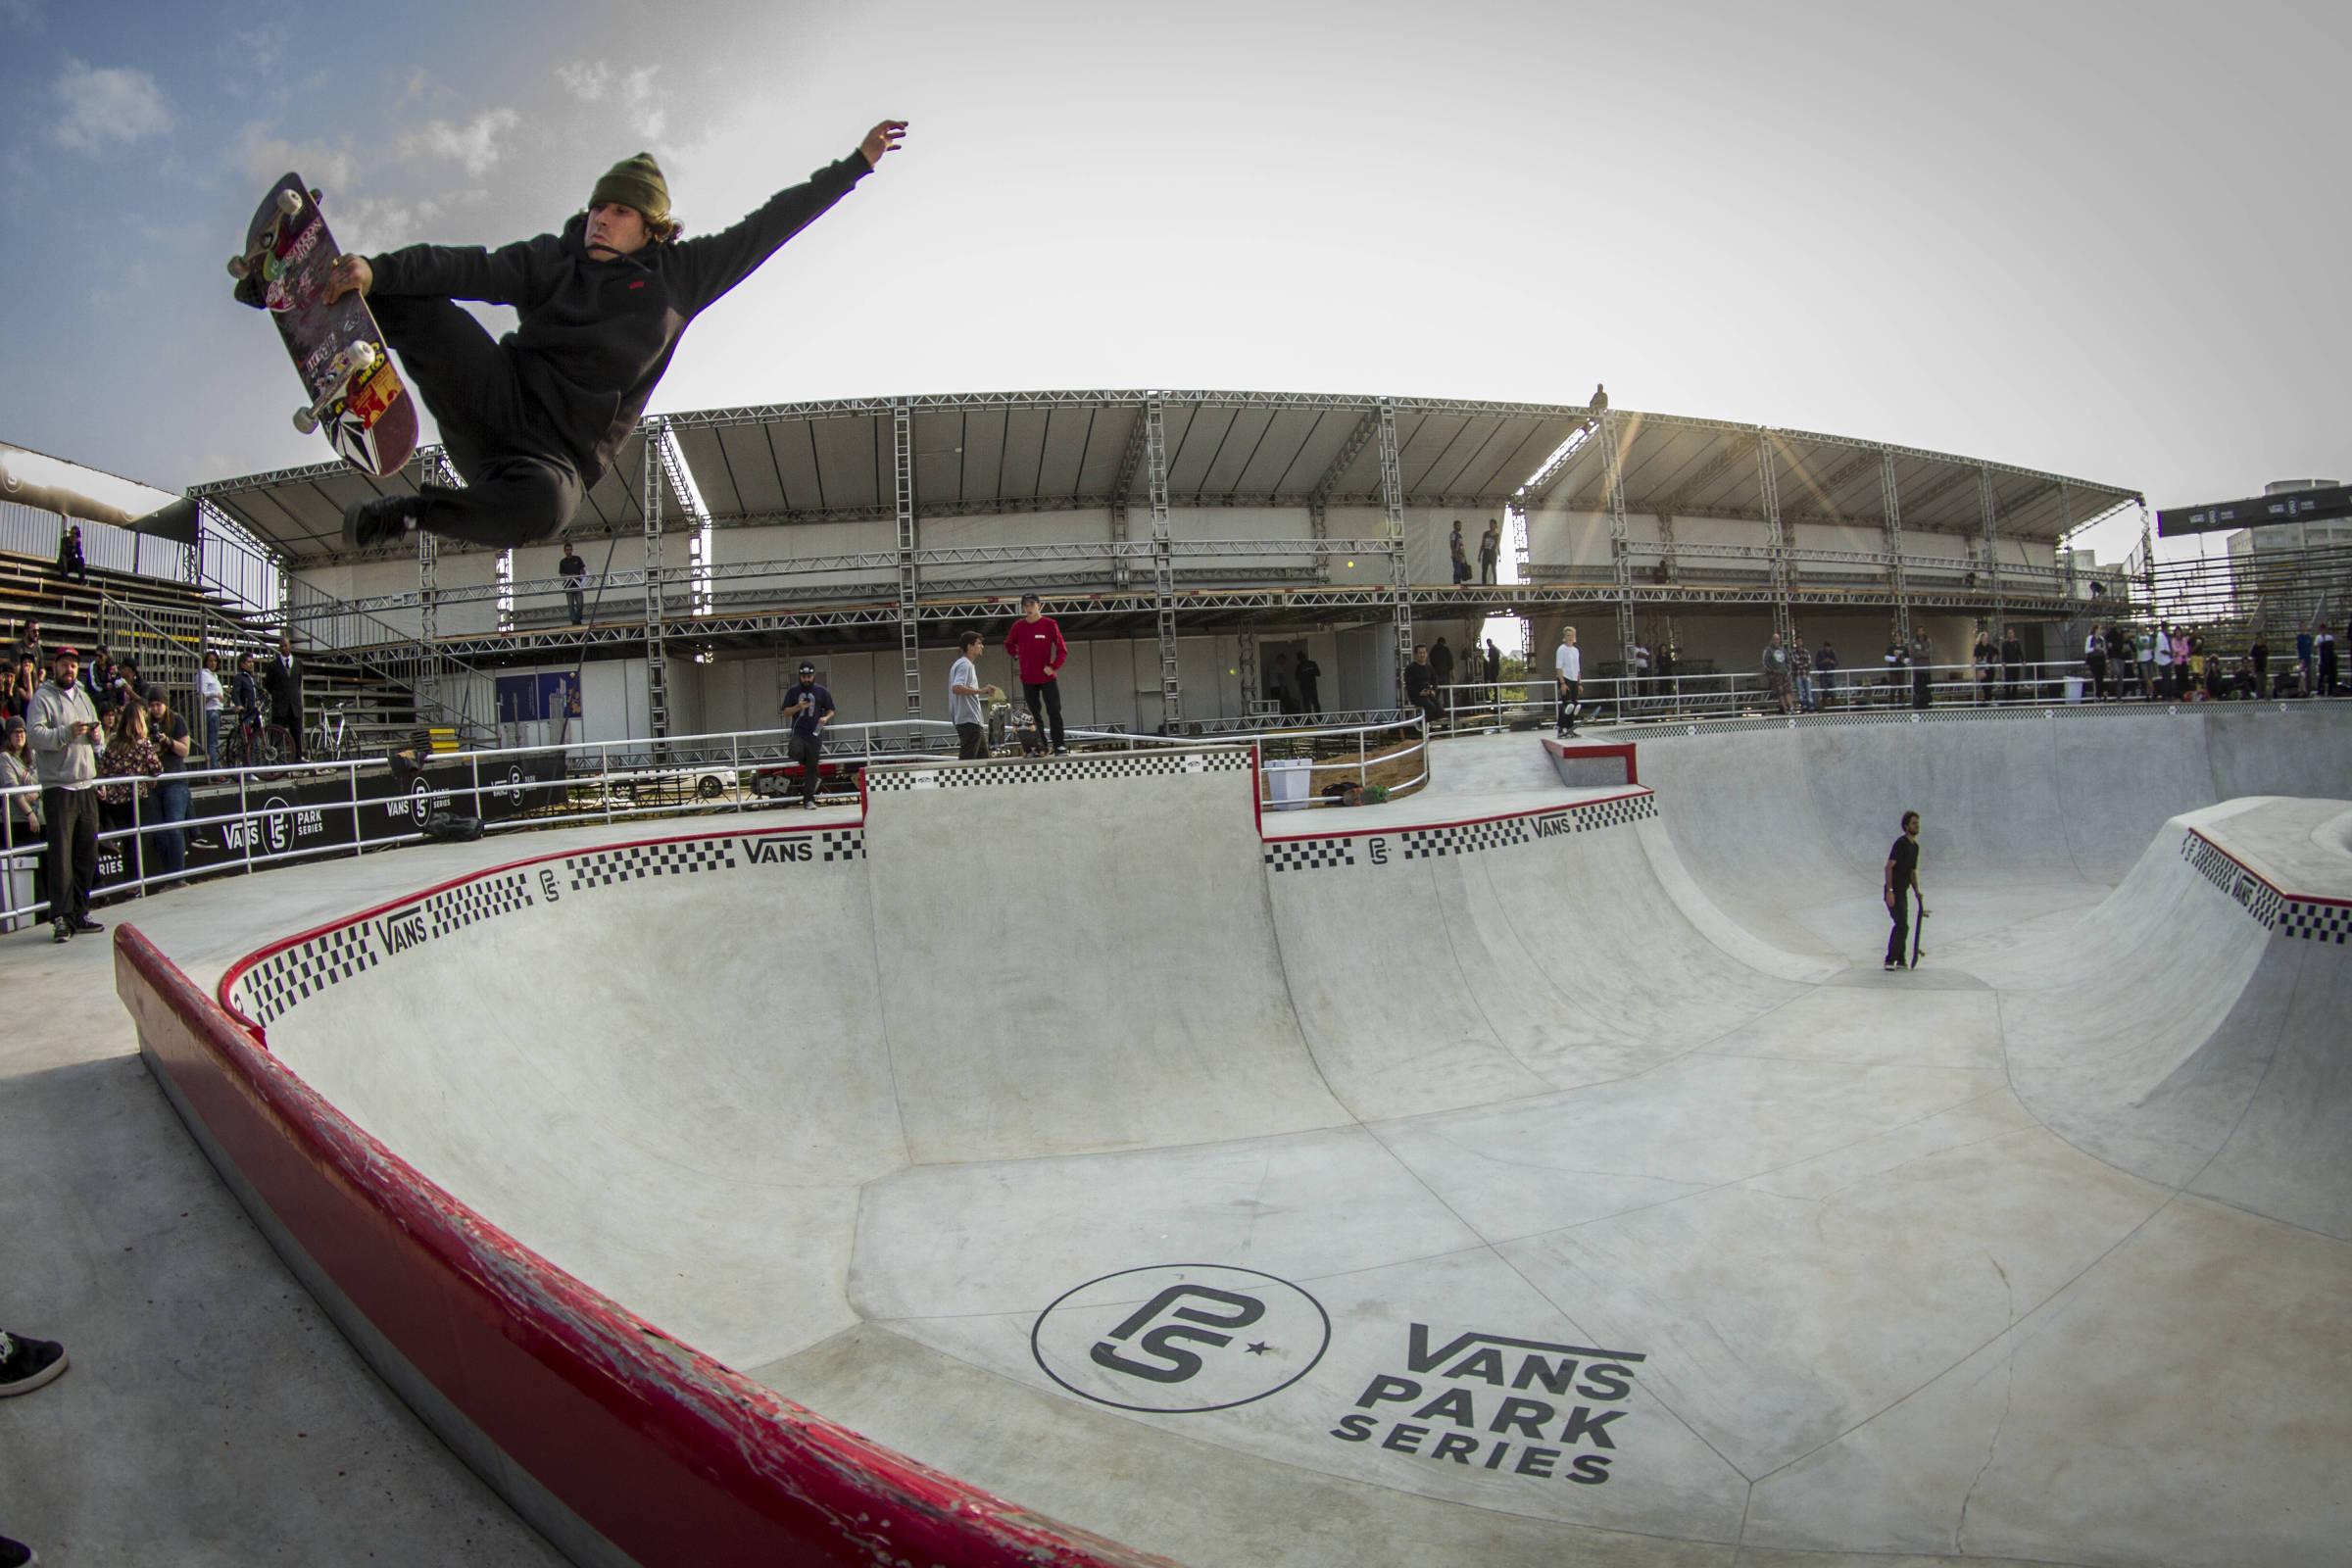 0995f44a98b231 Parque Cândido Portinari inaugura pista de skate gratuita - 01 06 2018 -  Passeios - Guia Folha